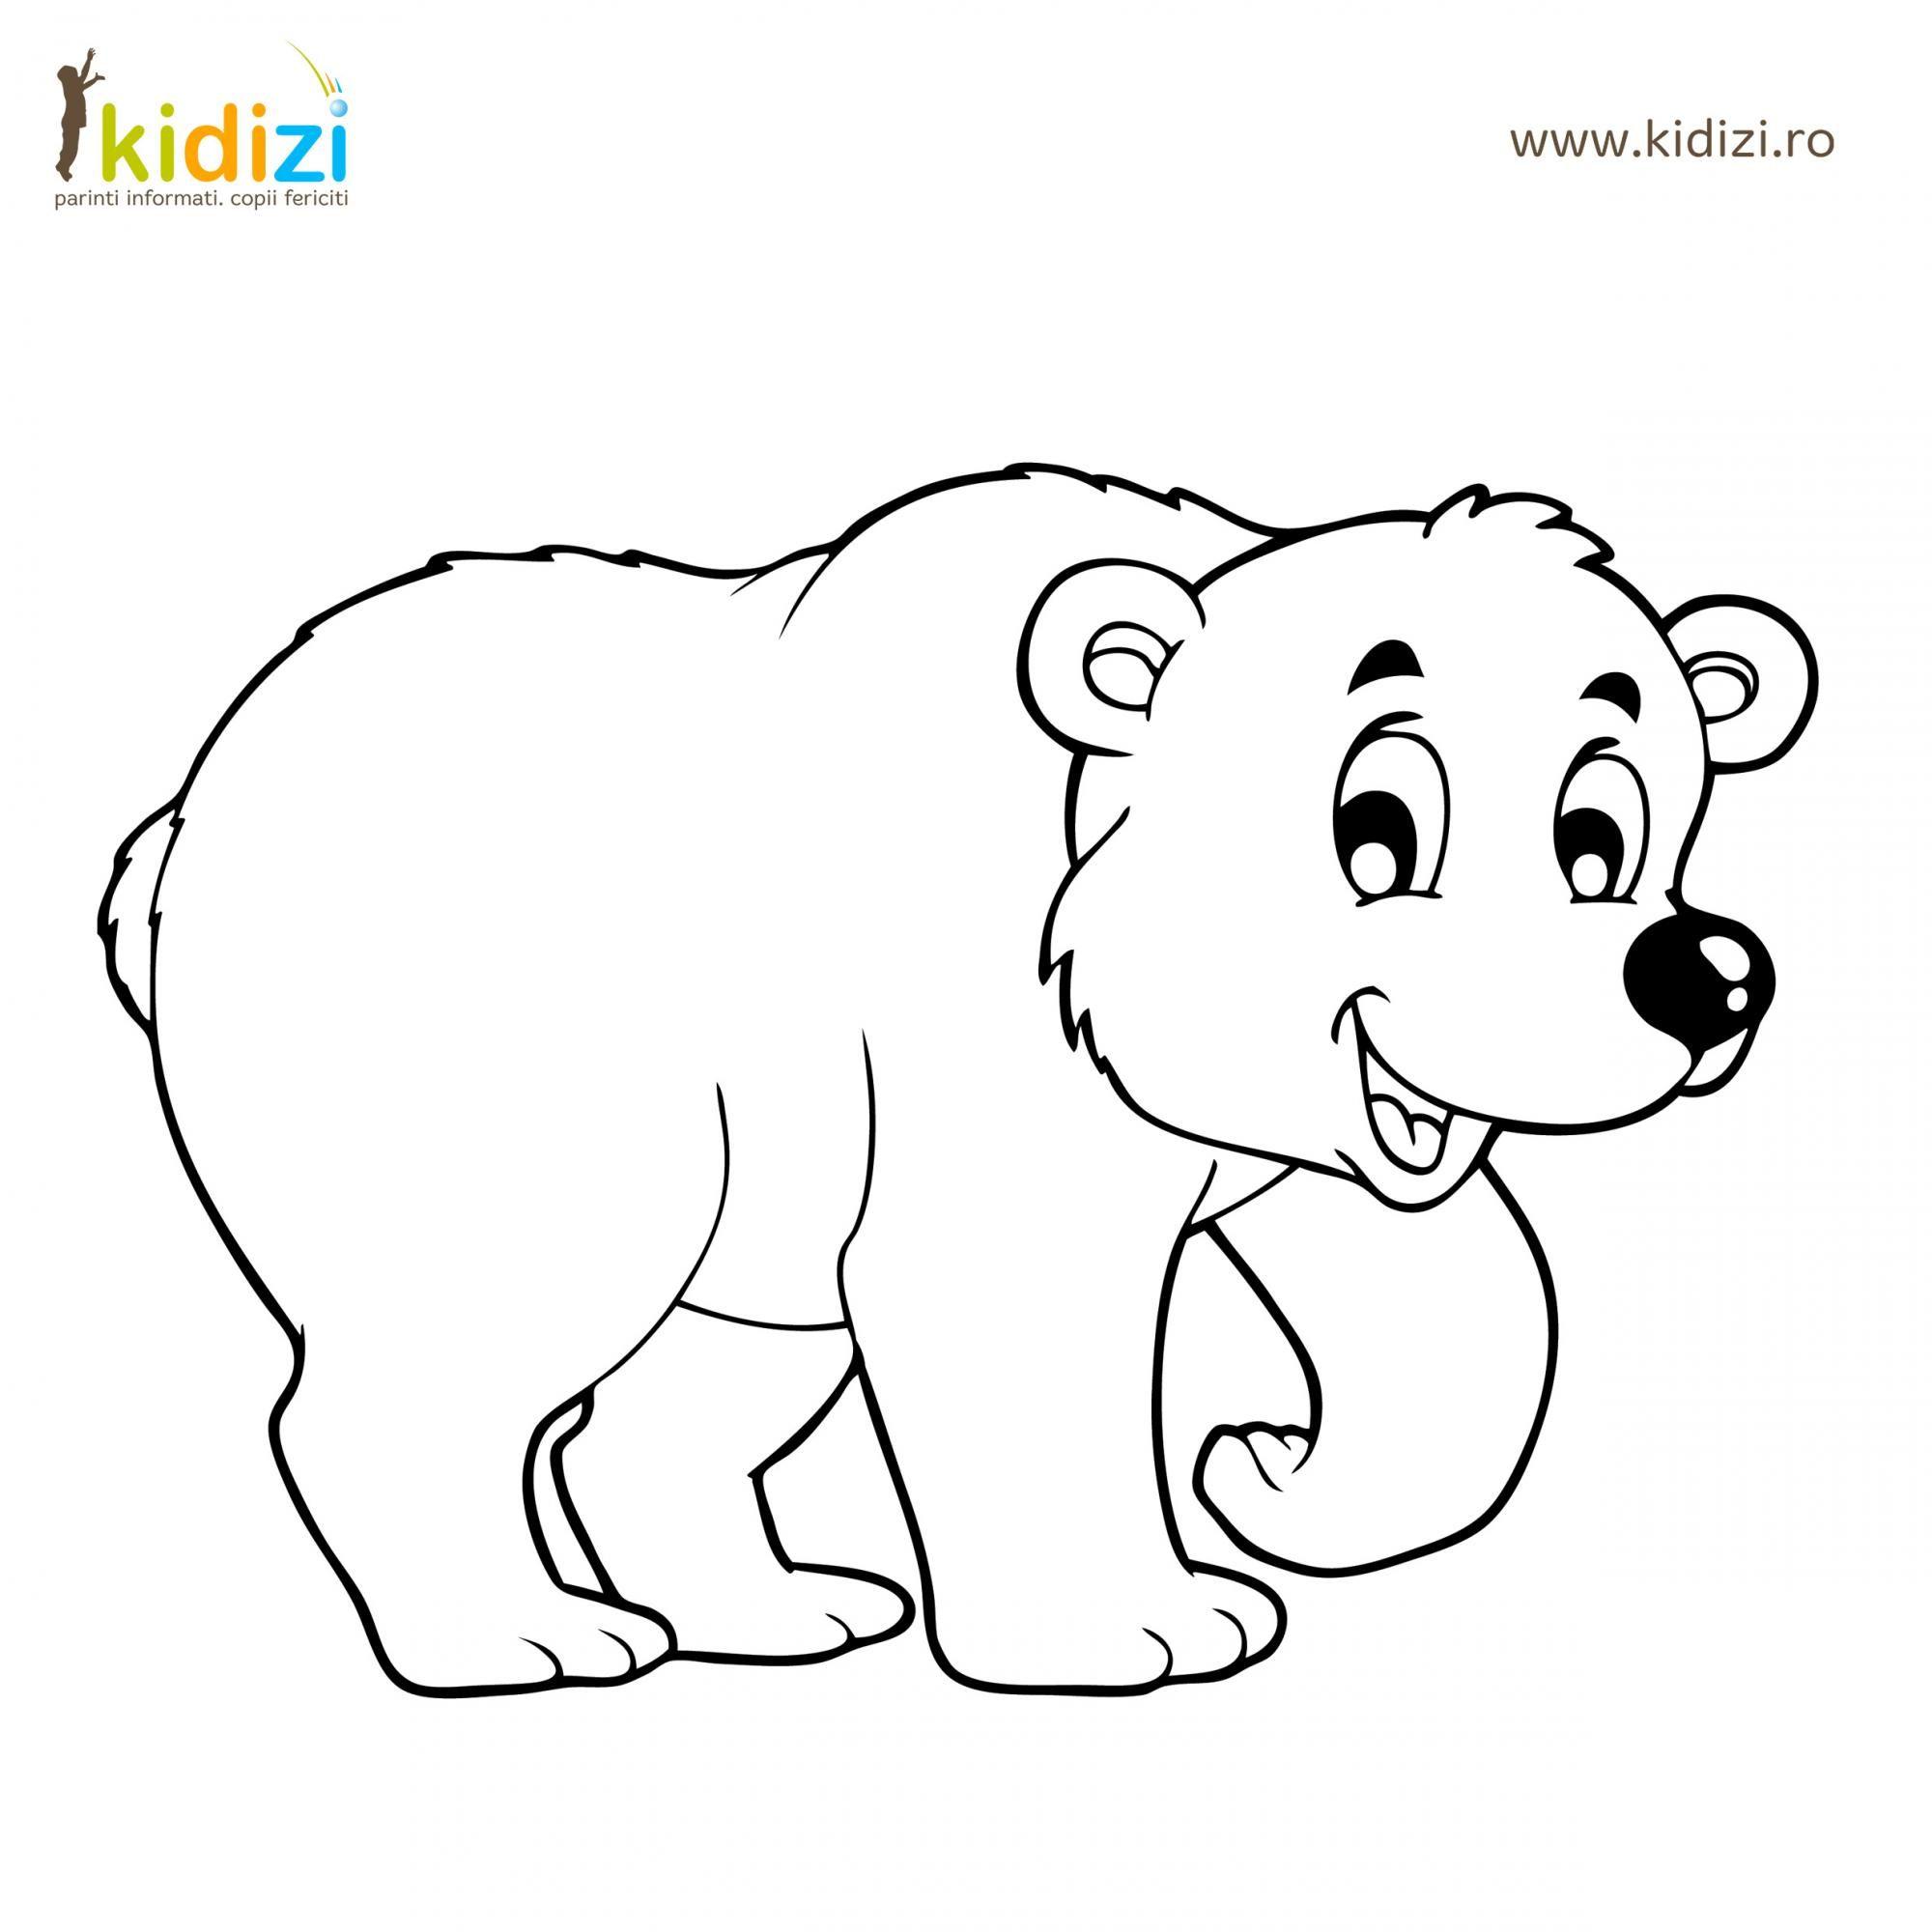 Planse Colorat Pentru Copii Desen Imagini Pictures Planse